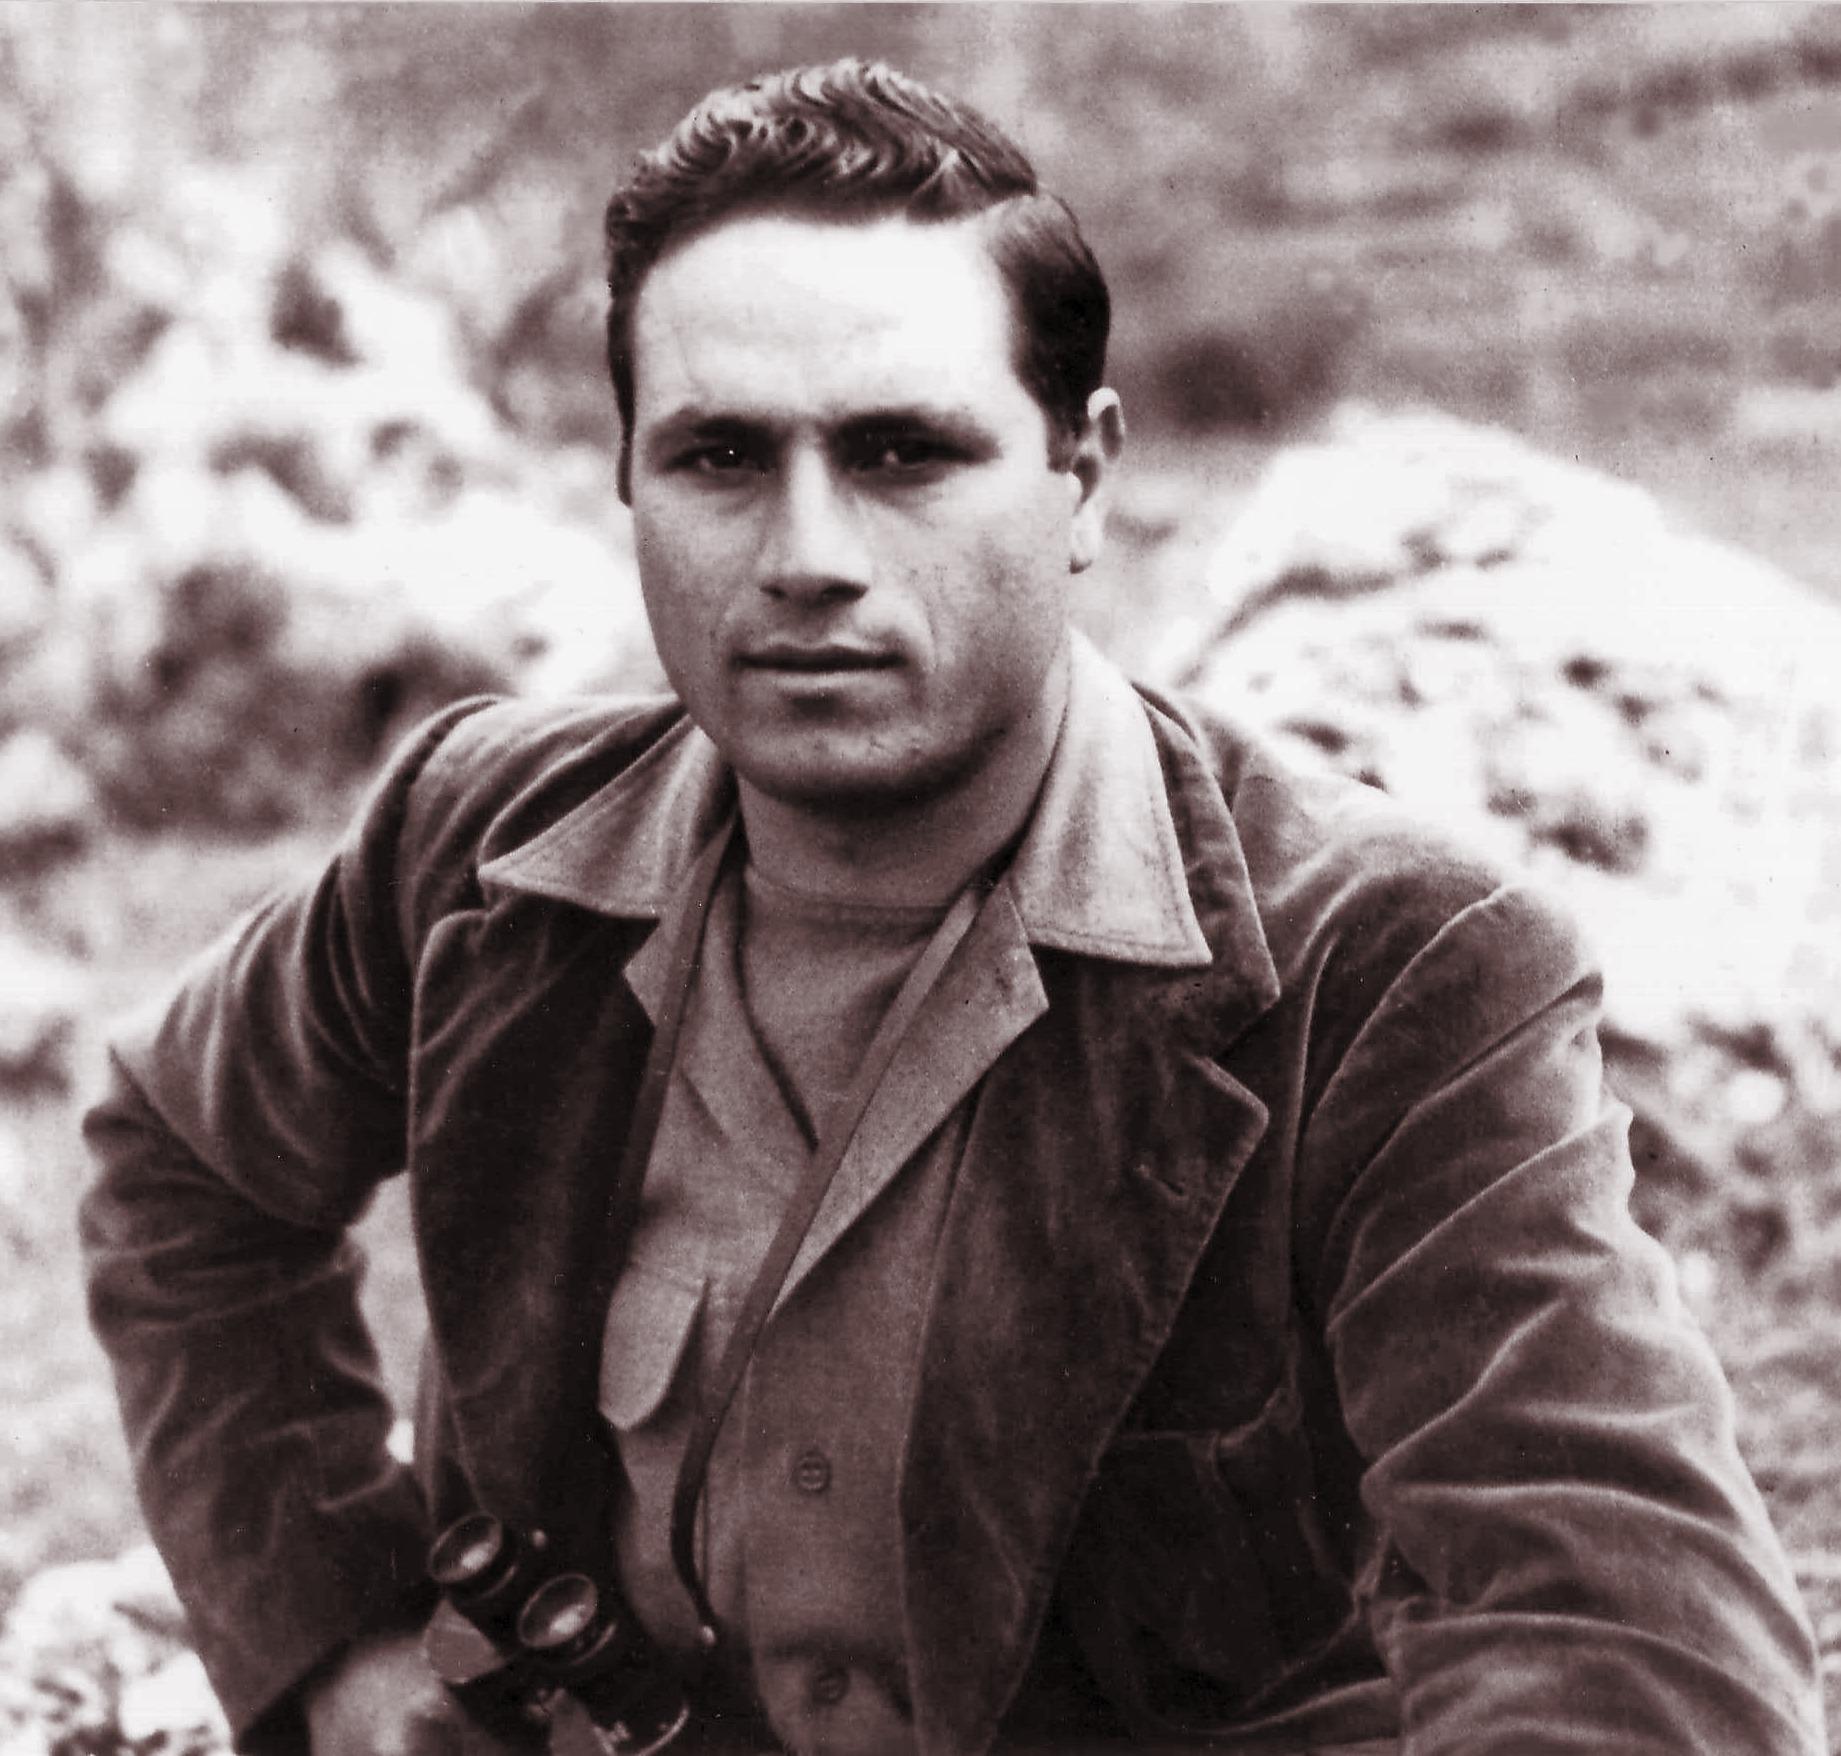 Salvatore Giuliano / Wikimedia Commons